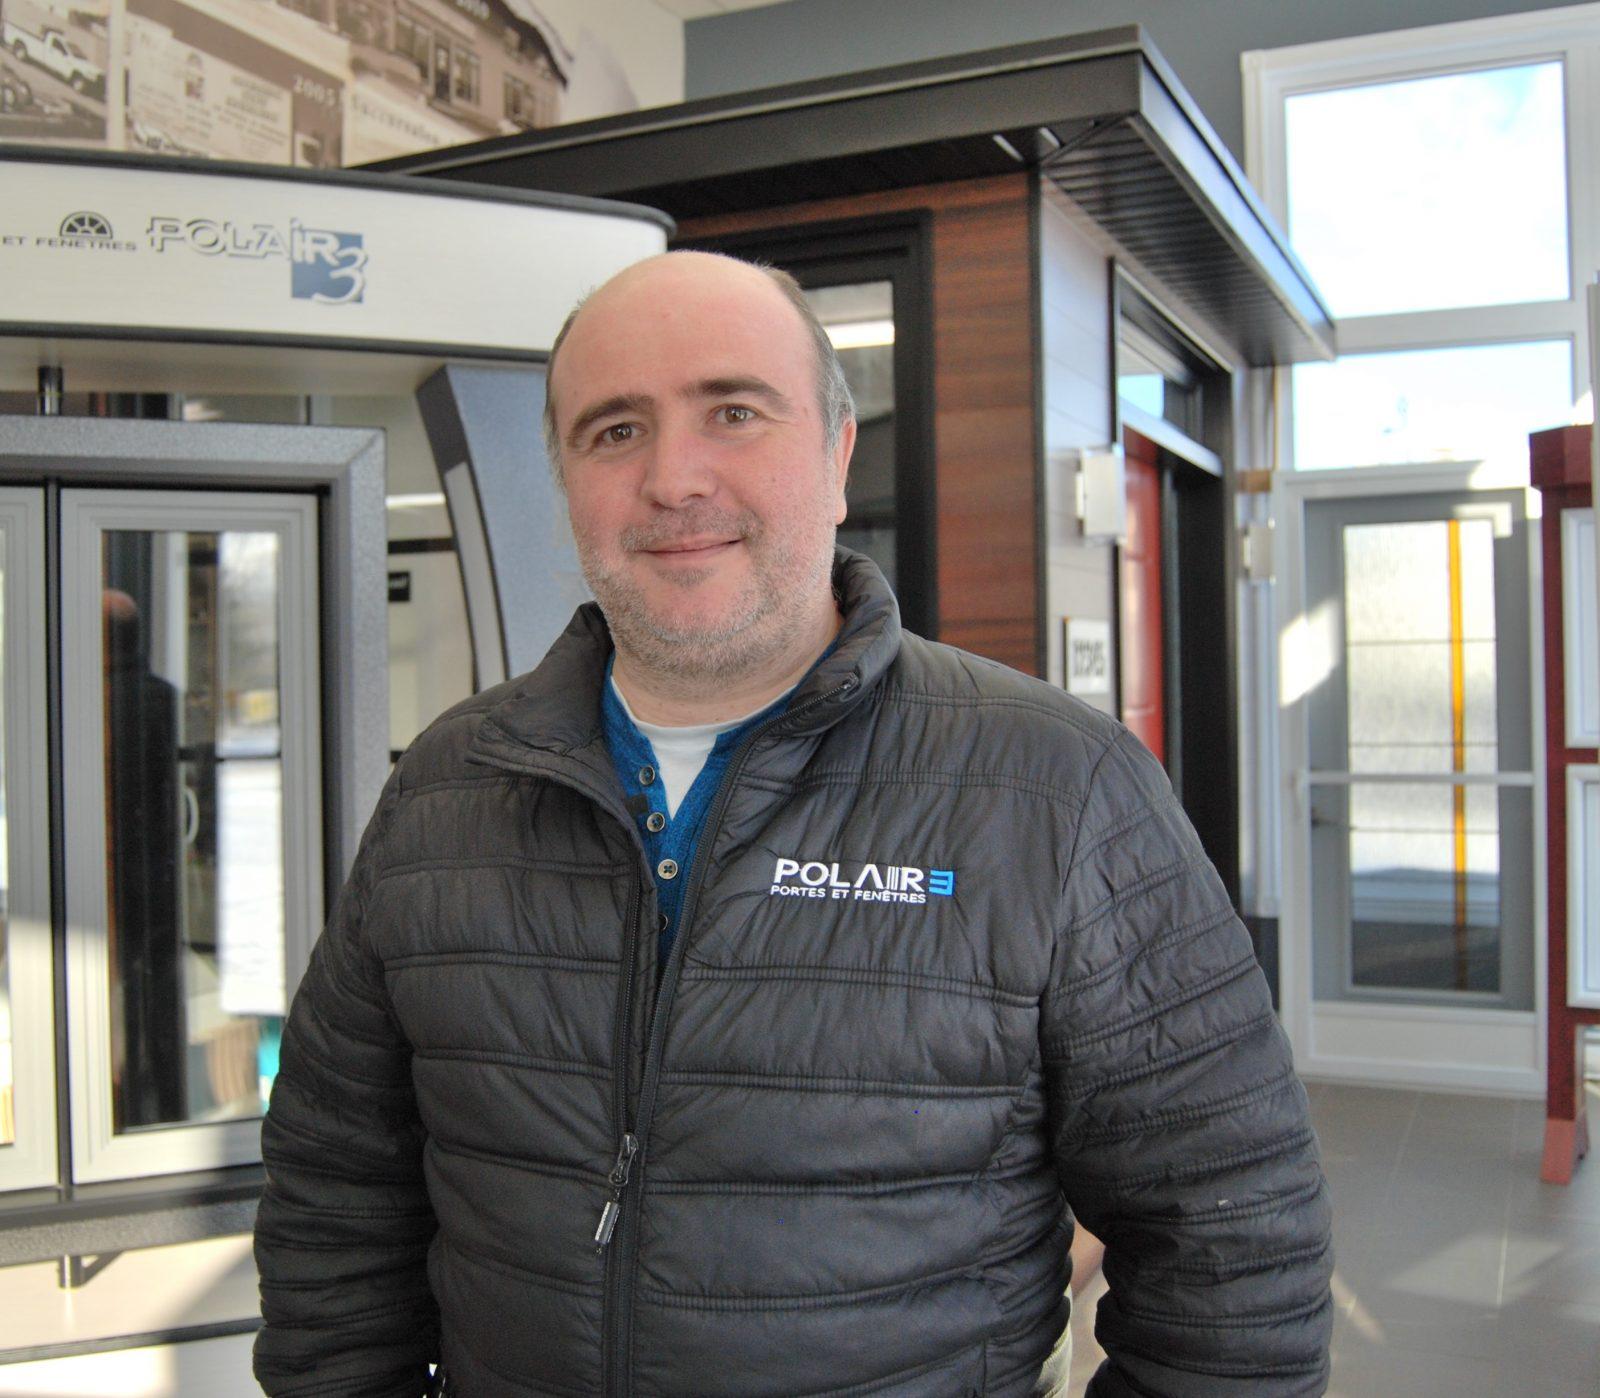 Portes et fenêtres Polair 3 investit près de 300 000 $